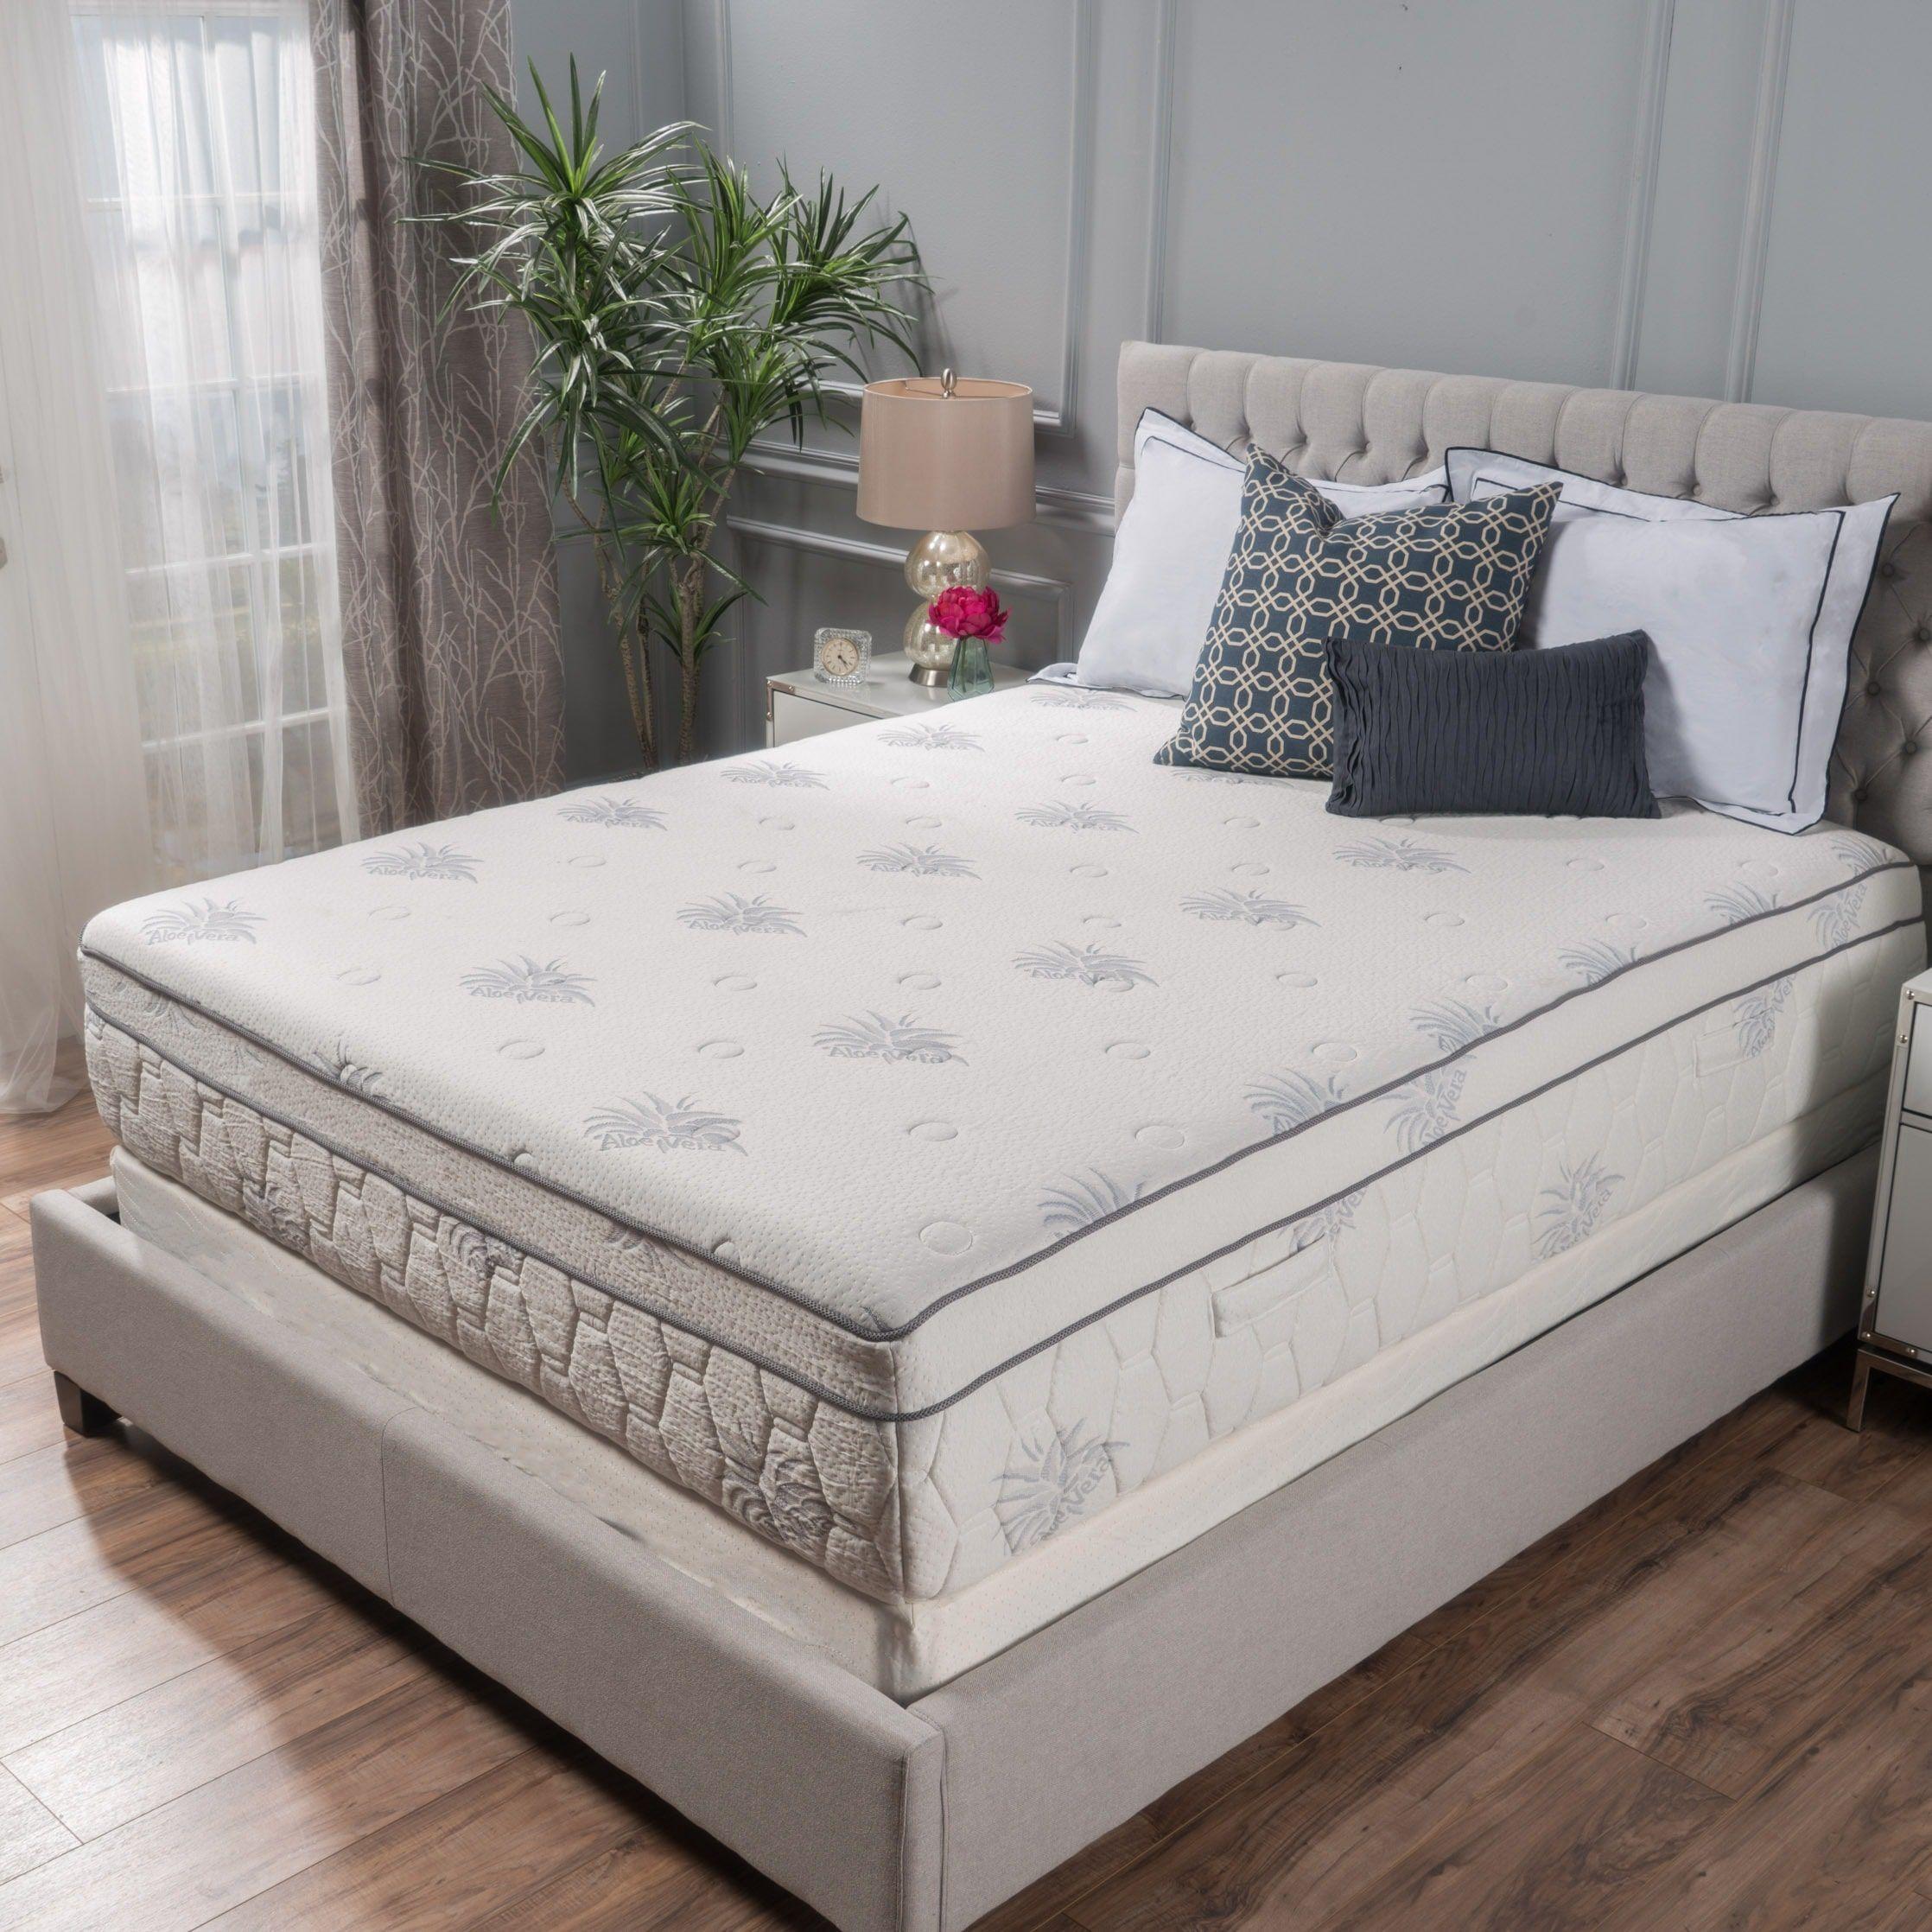 best ivanslepchenko images pillows pillow on top king pinterest size mattress